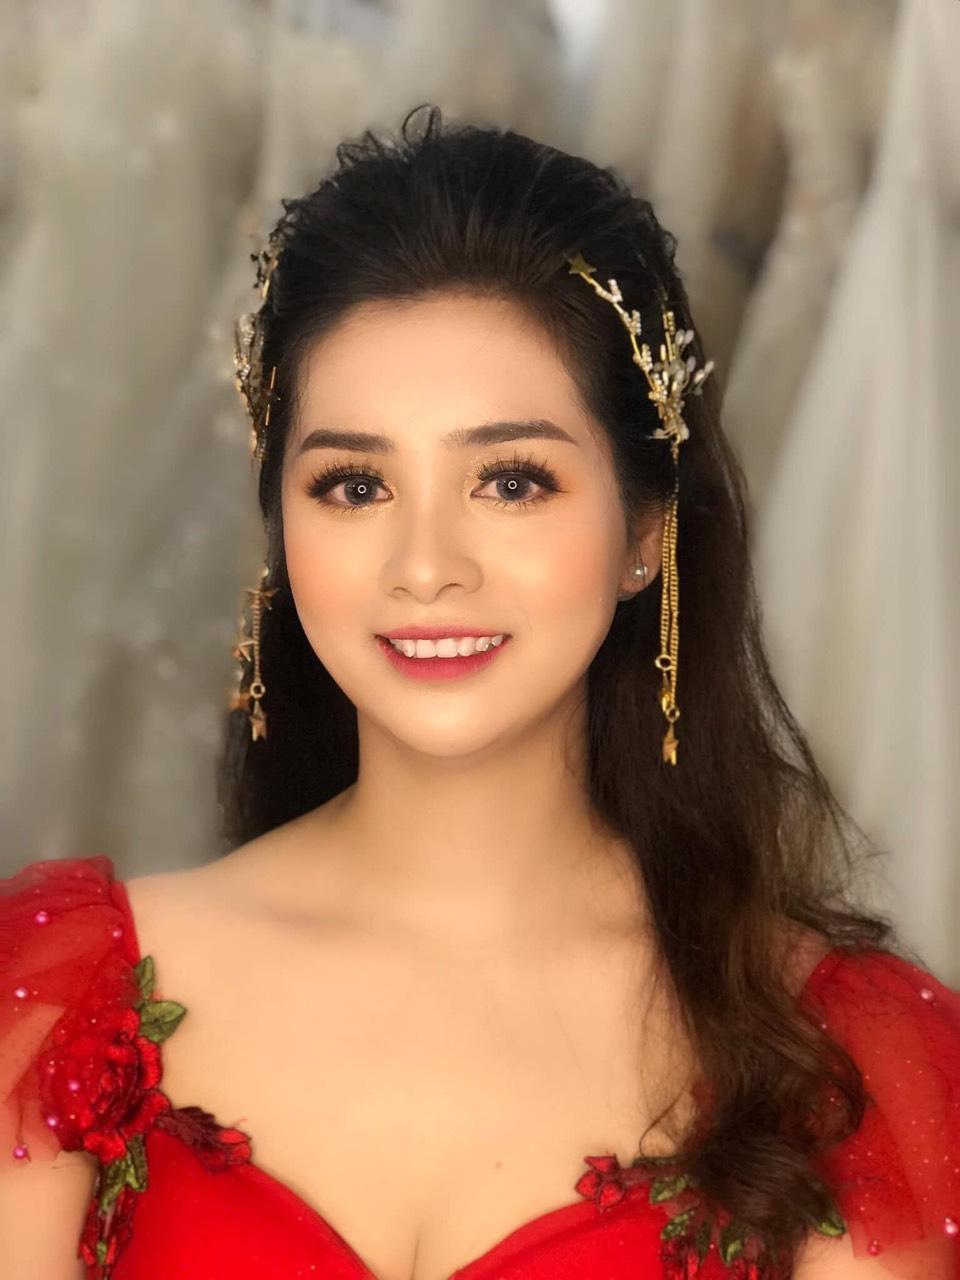 CEO Dương Thị Thanh - Nữ doanh nhân trẻ tạo nên nhiều thành tựu cho thẩm mỹ viện Diamond Thanh